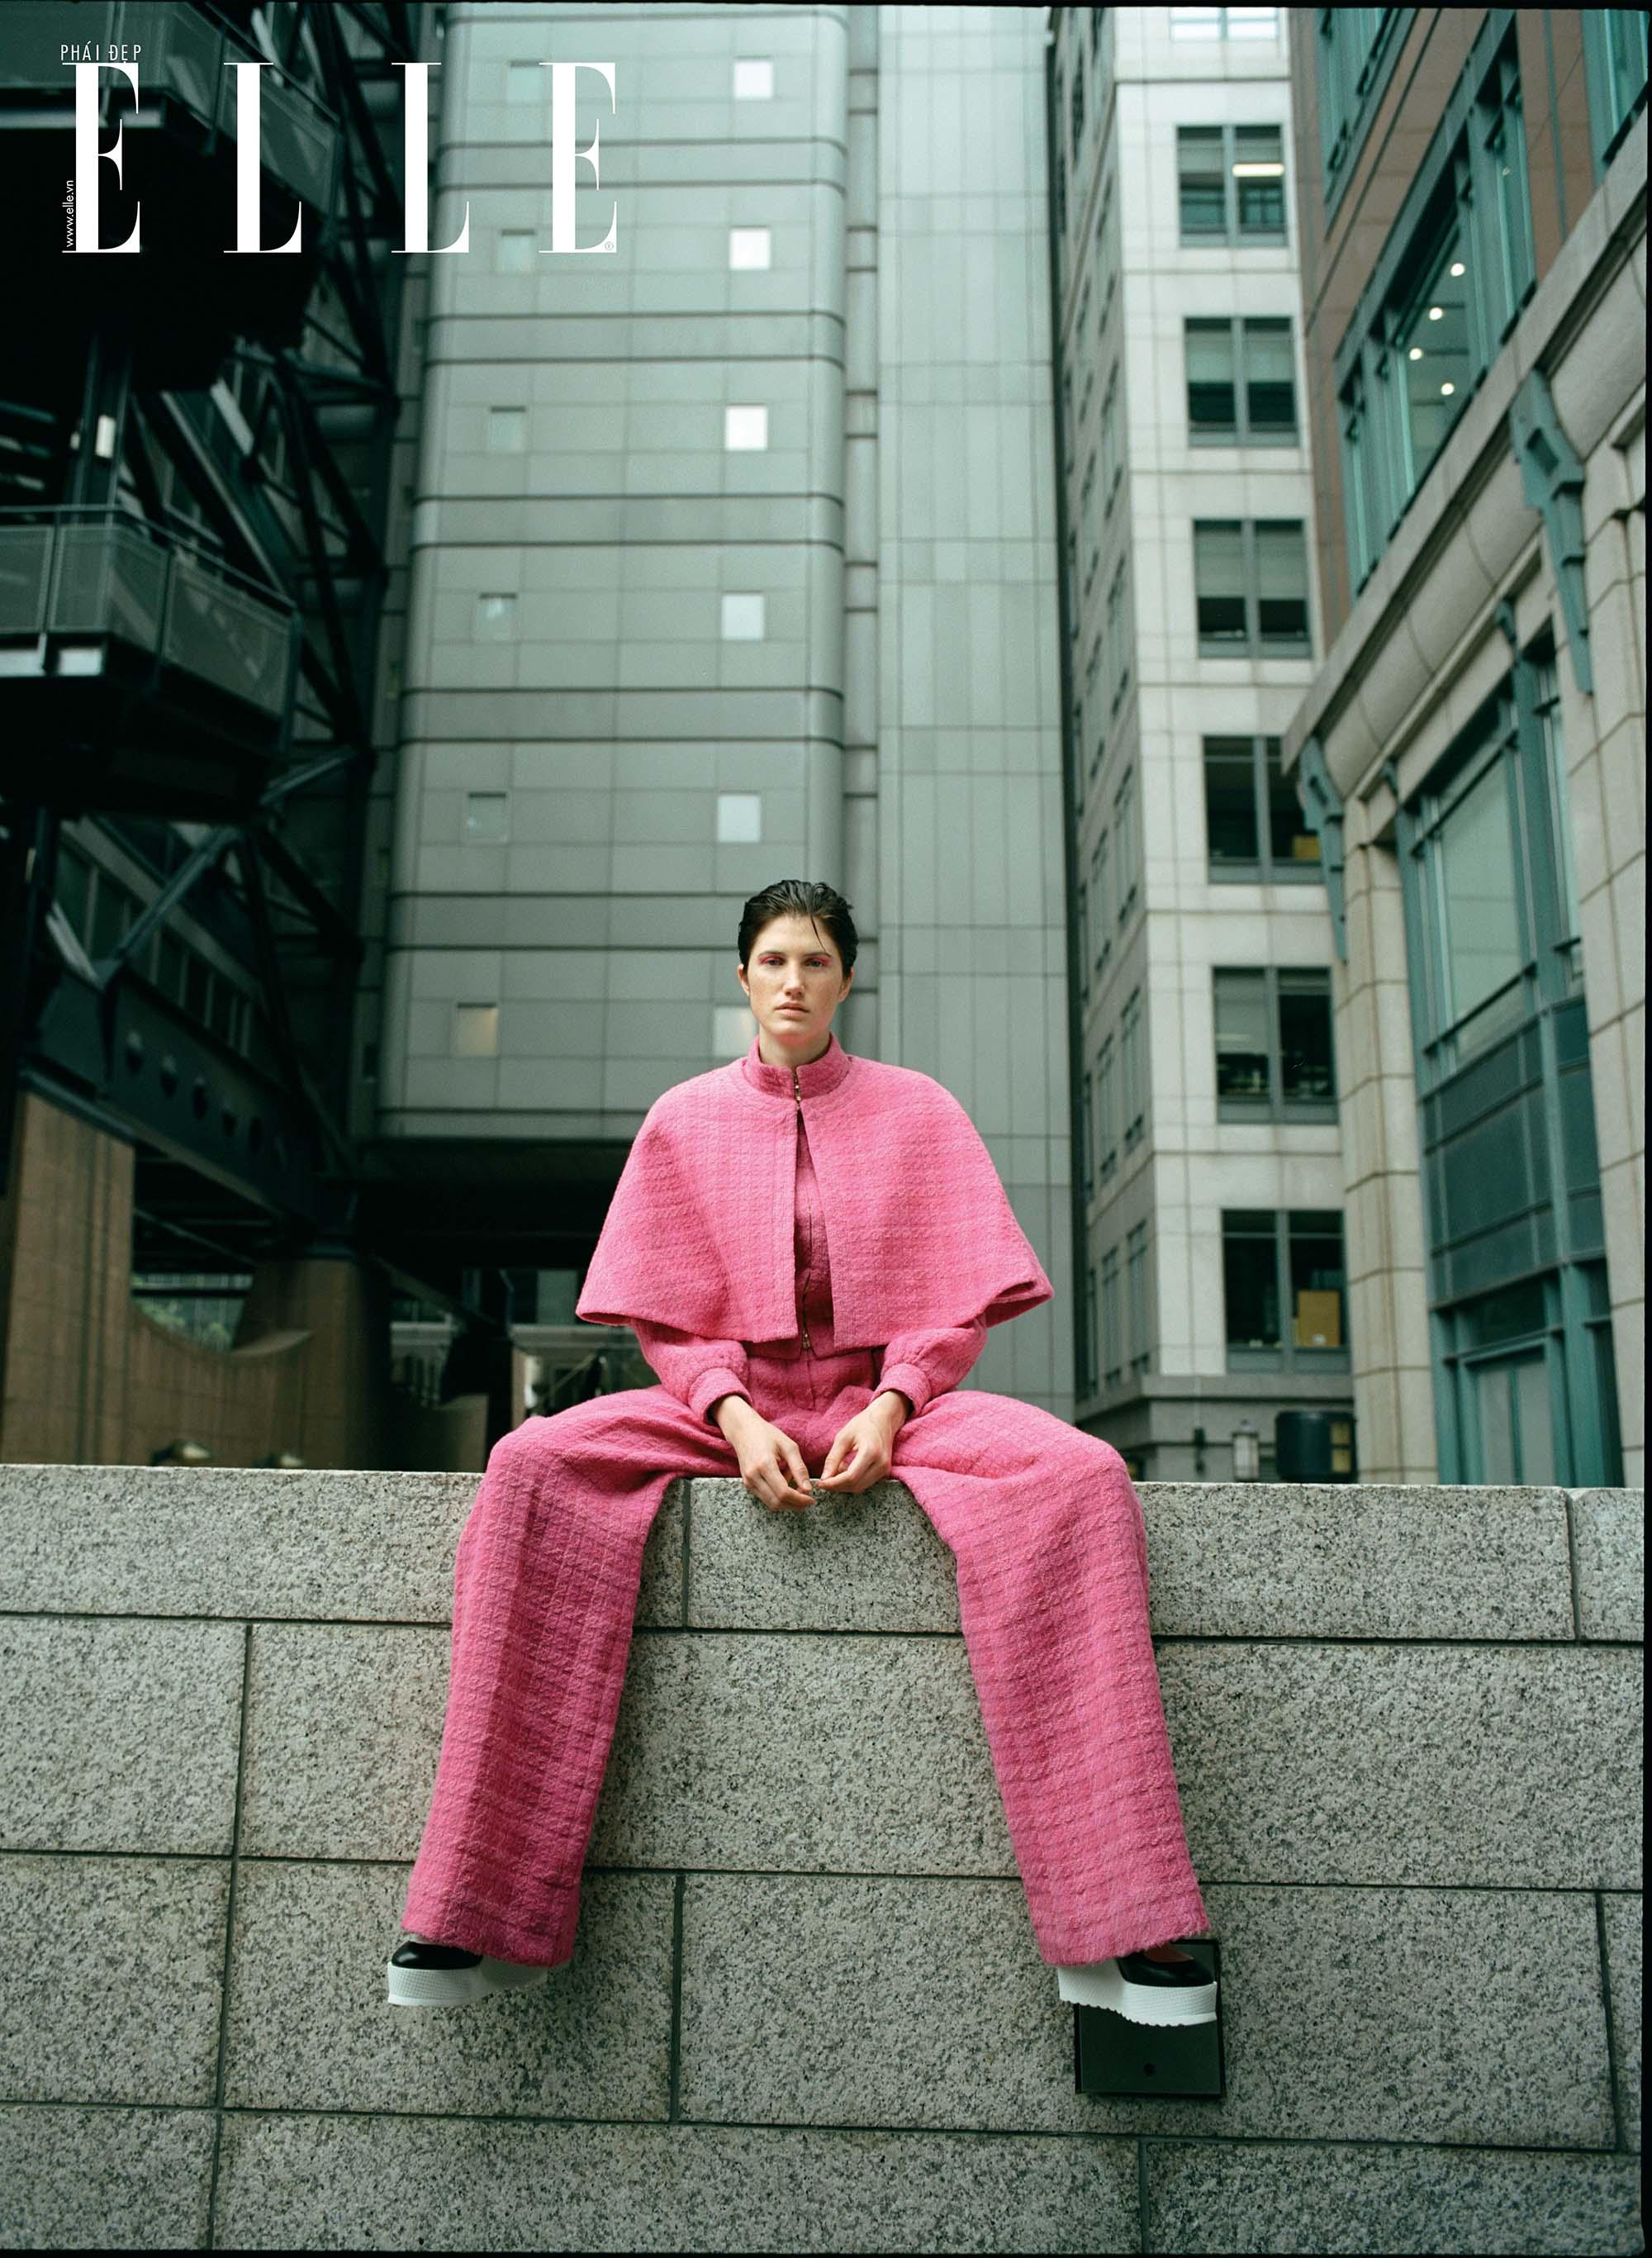 bộ ảnh người mẫu mặc trang phục hồng ngồi tại xung quanh các tòa nhà